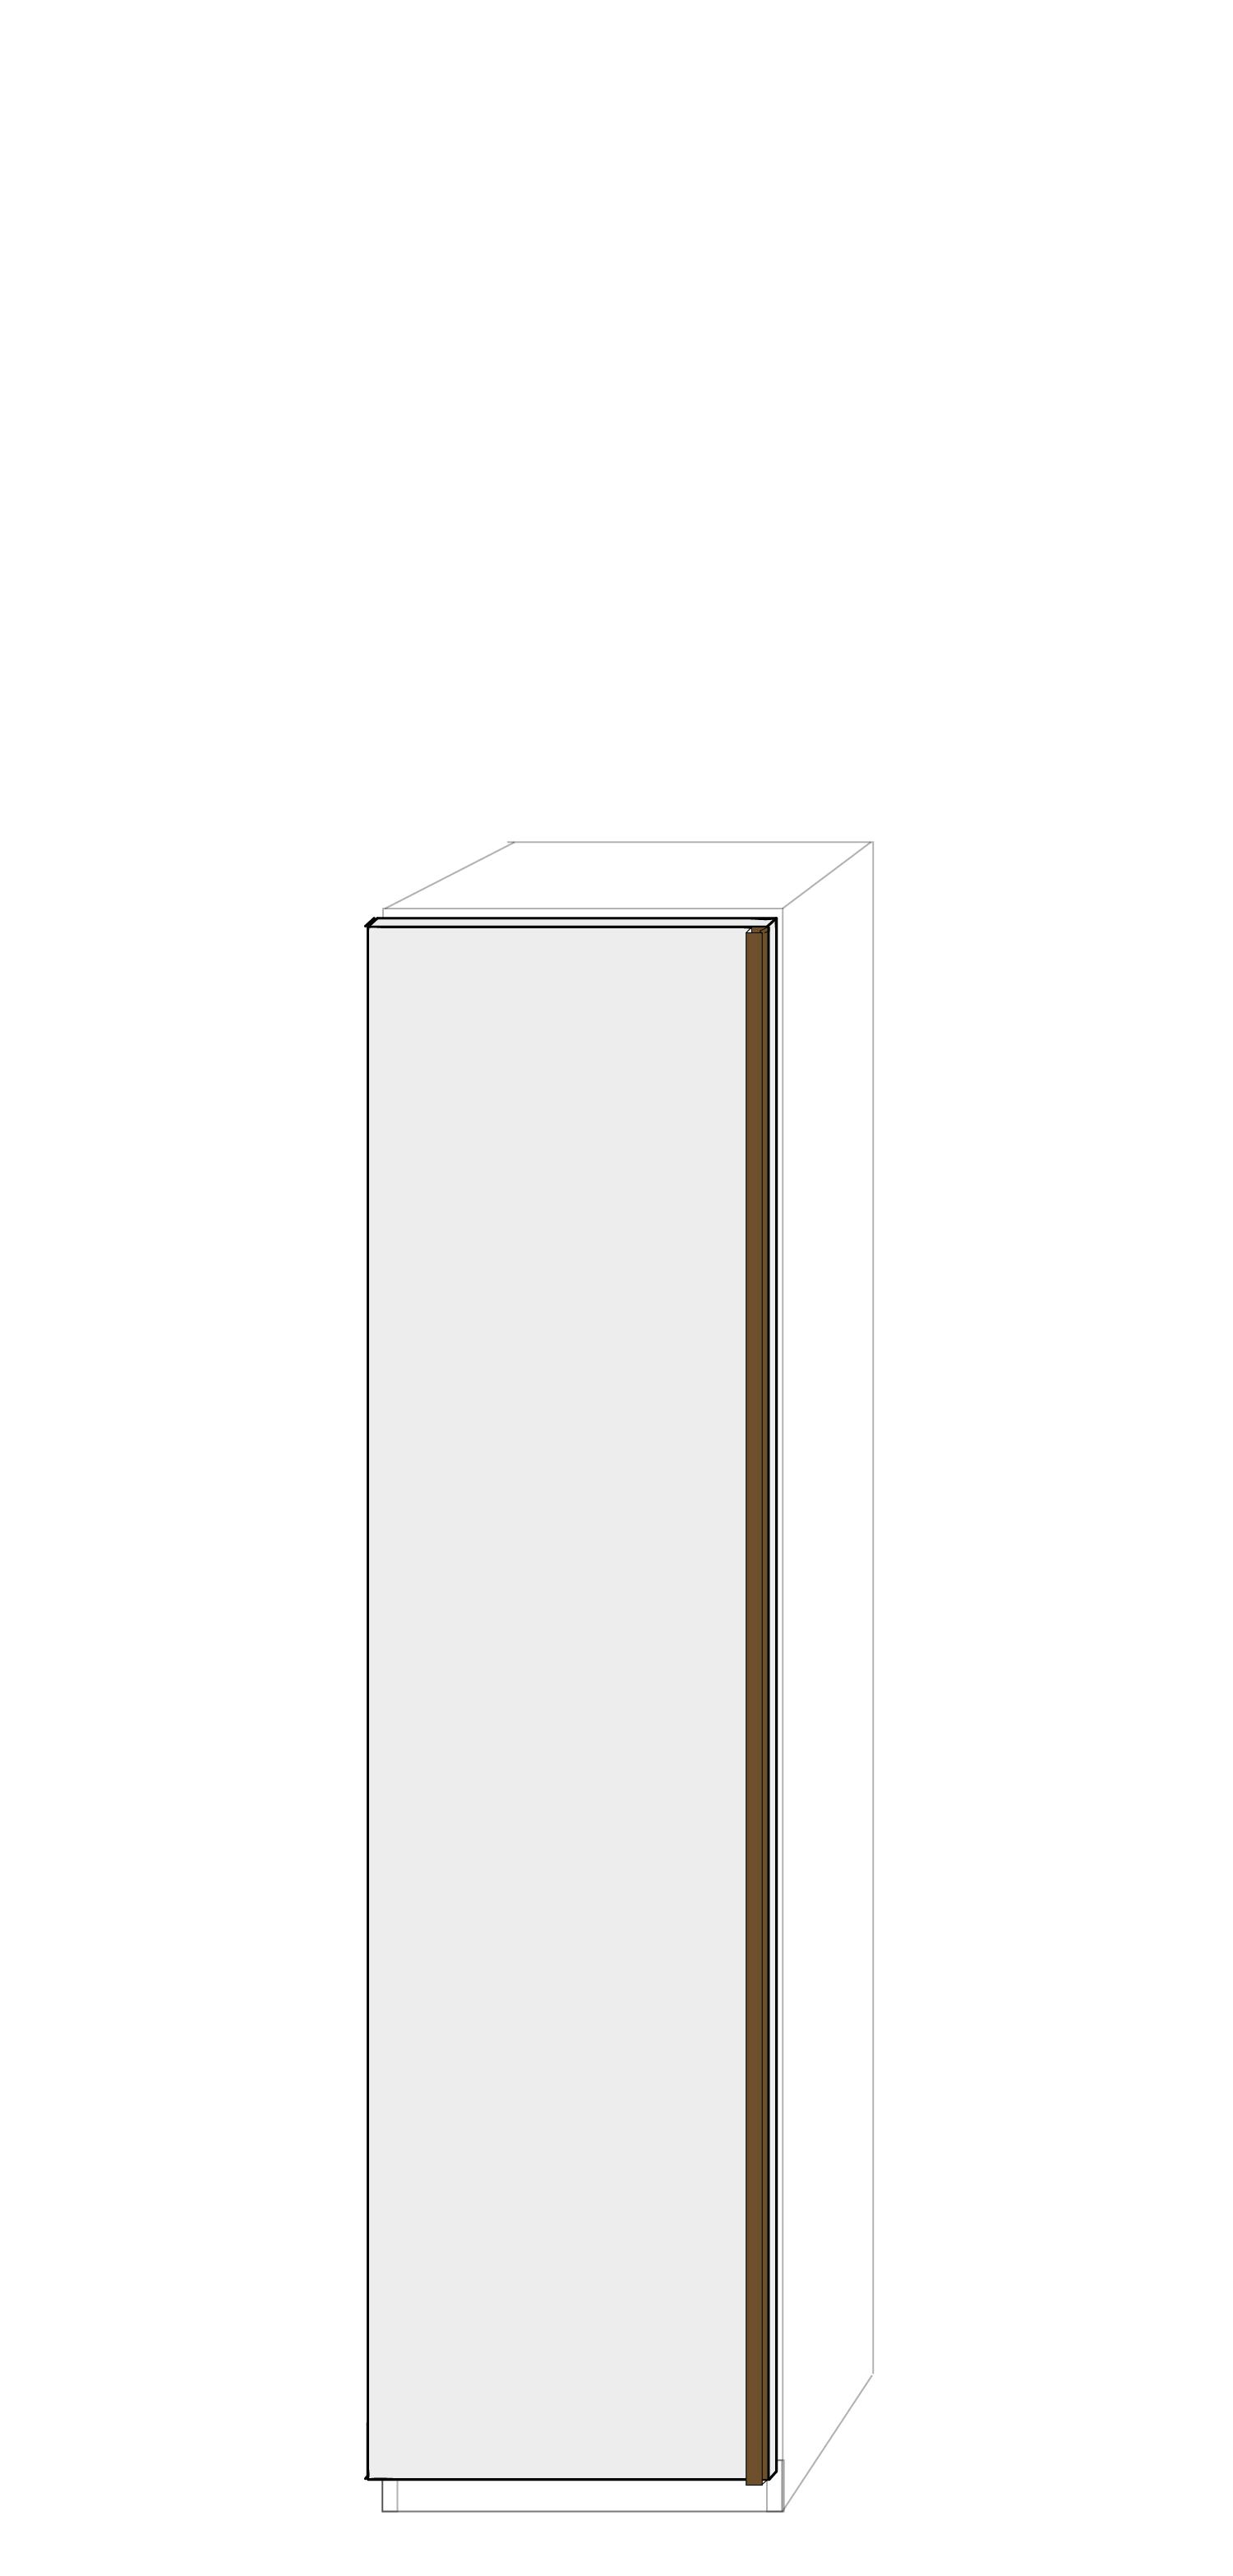 Vänsterhängd dörr 50cm Pax - fanér med grepplist